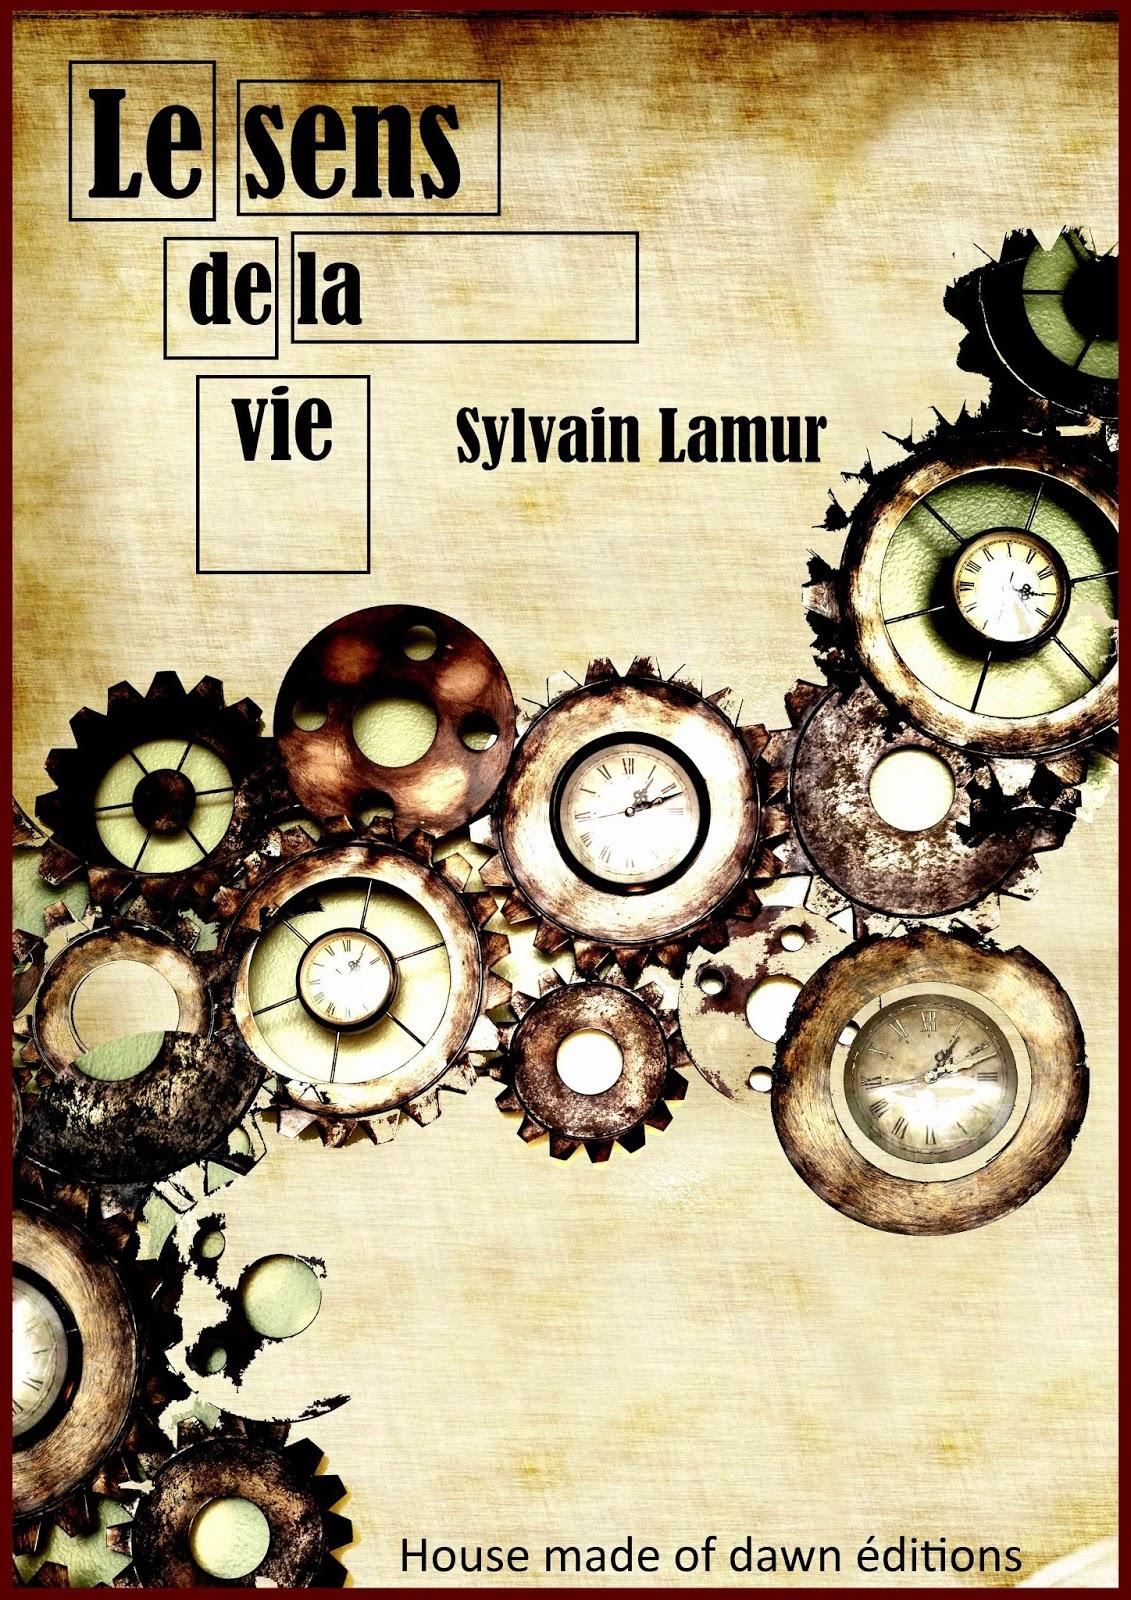 http://www.lalecturienne.com/2014/09/le-sens-de-la-vie-sylvain-lamur.html